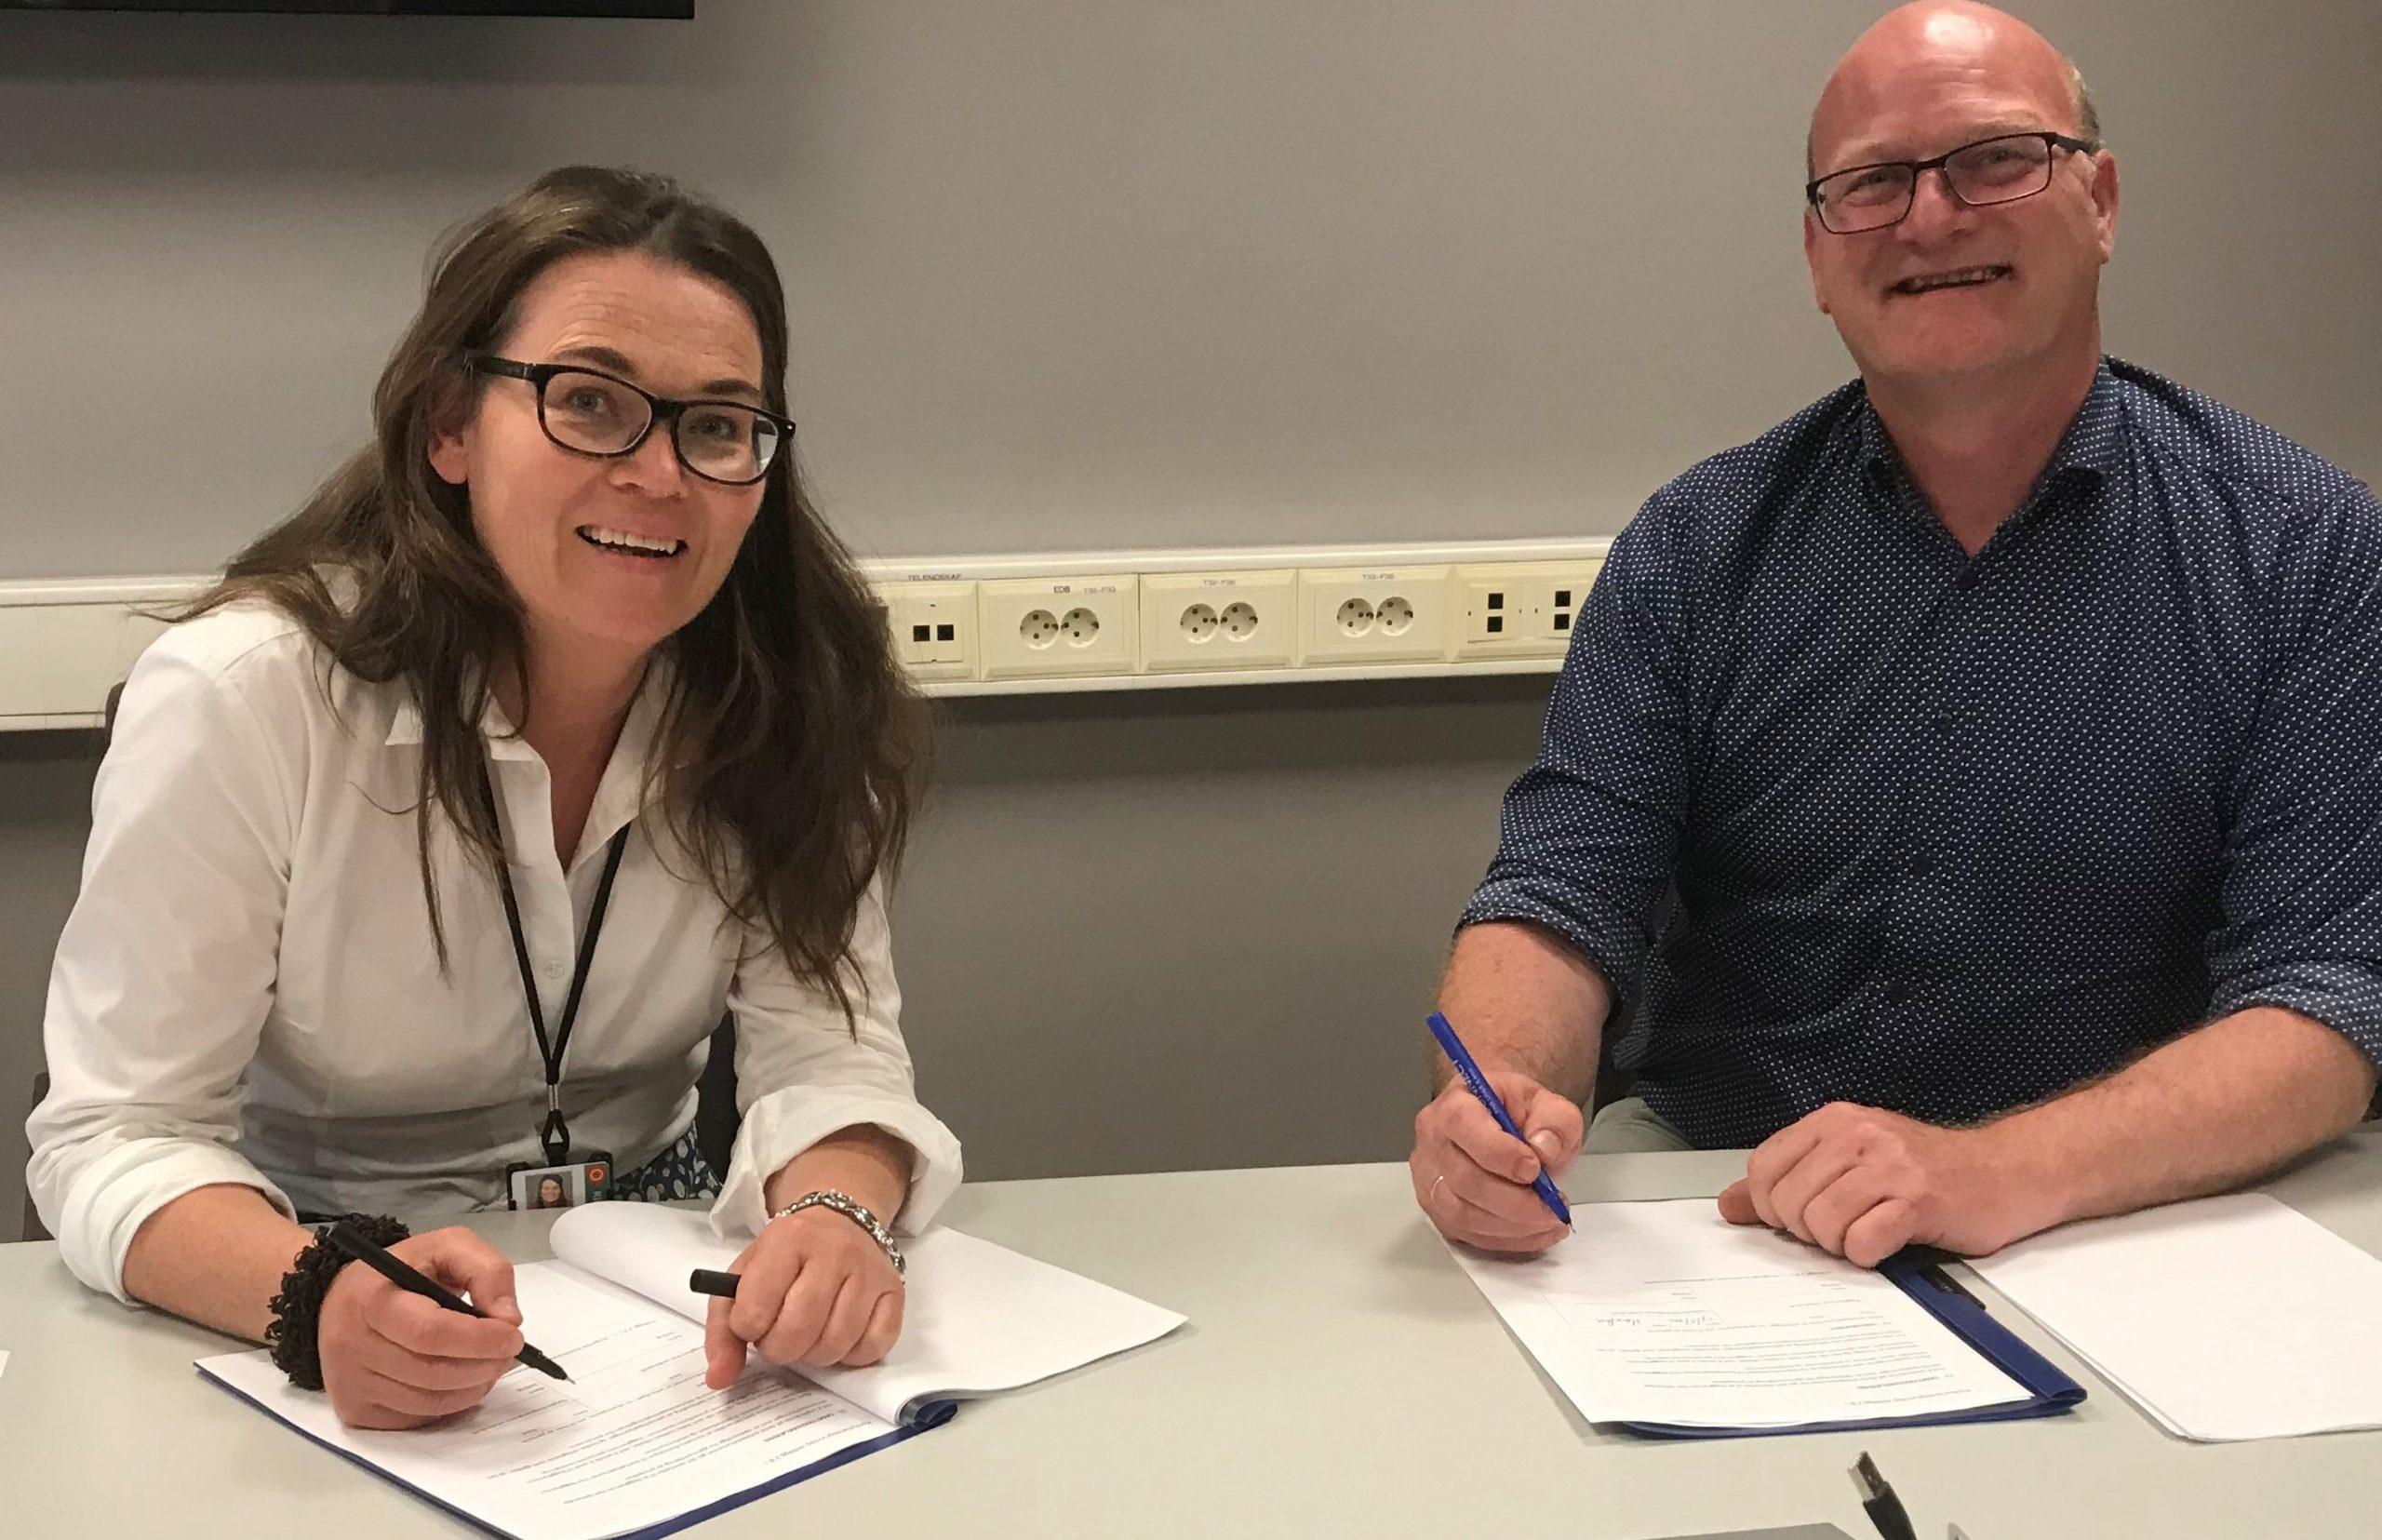 Foto av kvinne og mann ved signering av kontrakt